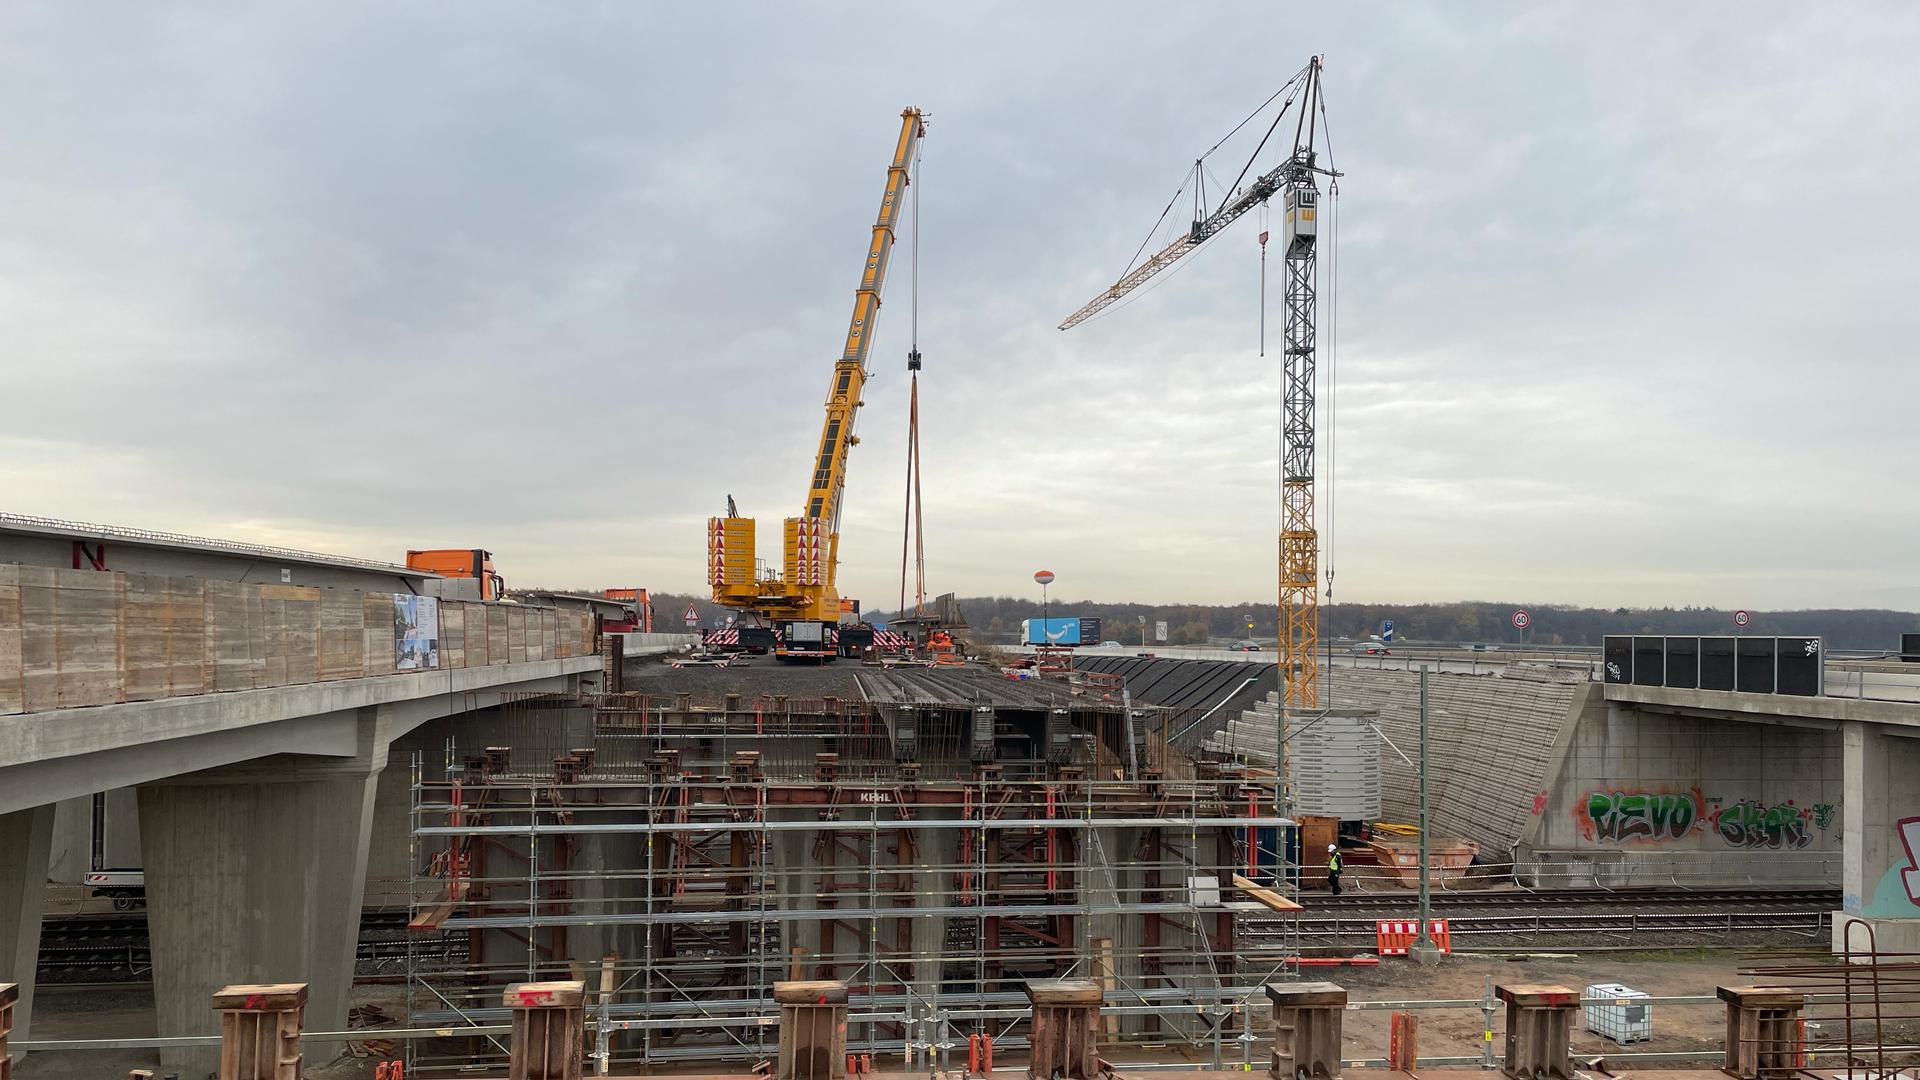 Kranen arbeiten an der Baustelle an der Autobahn A5 bei Bruchsal am Saalbachkanal.